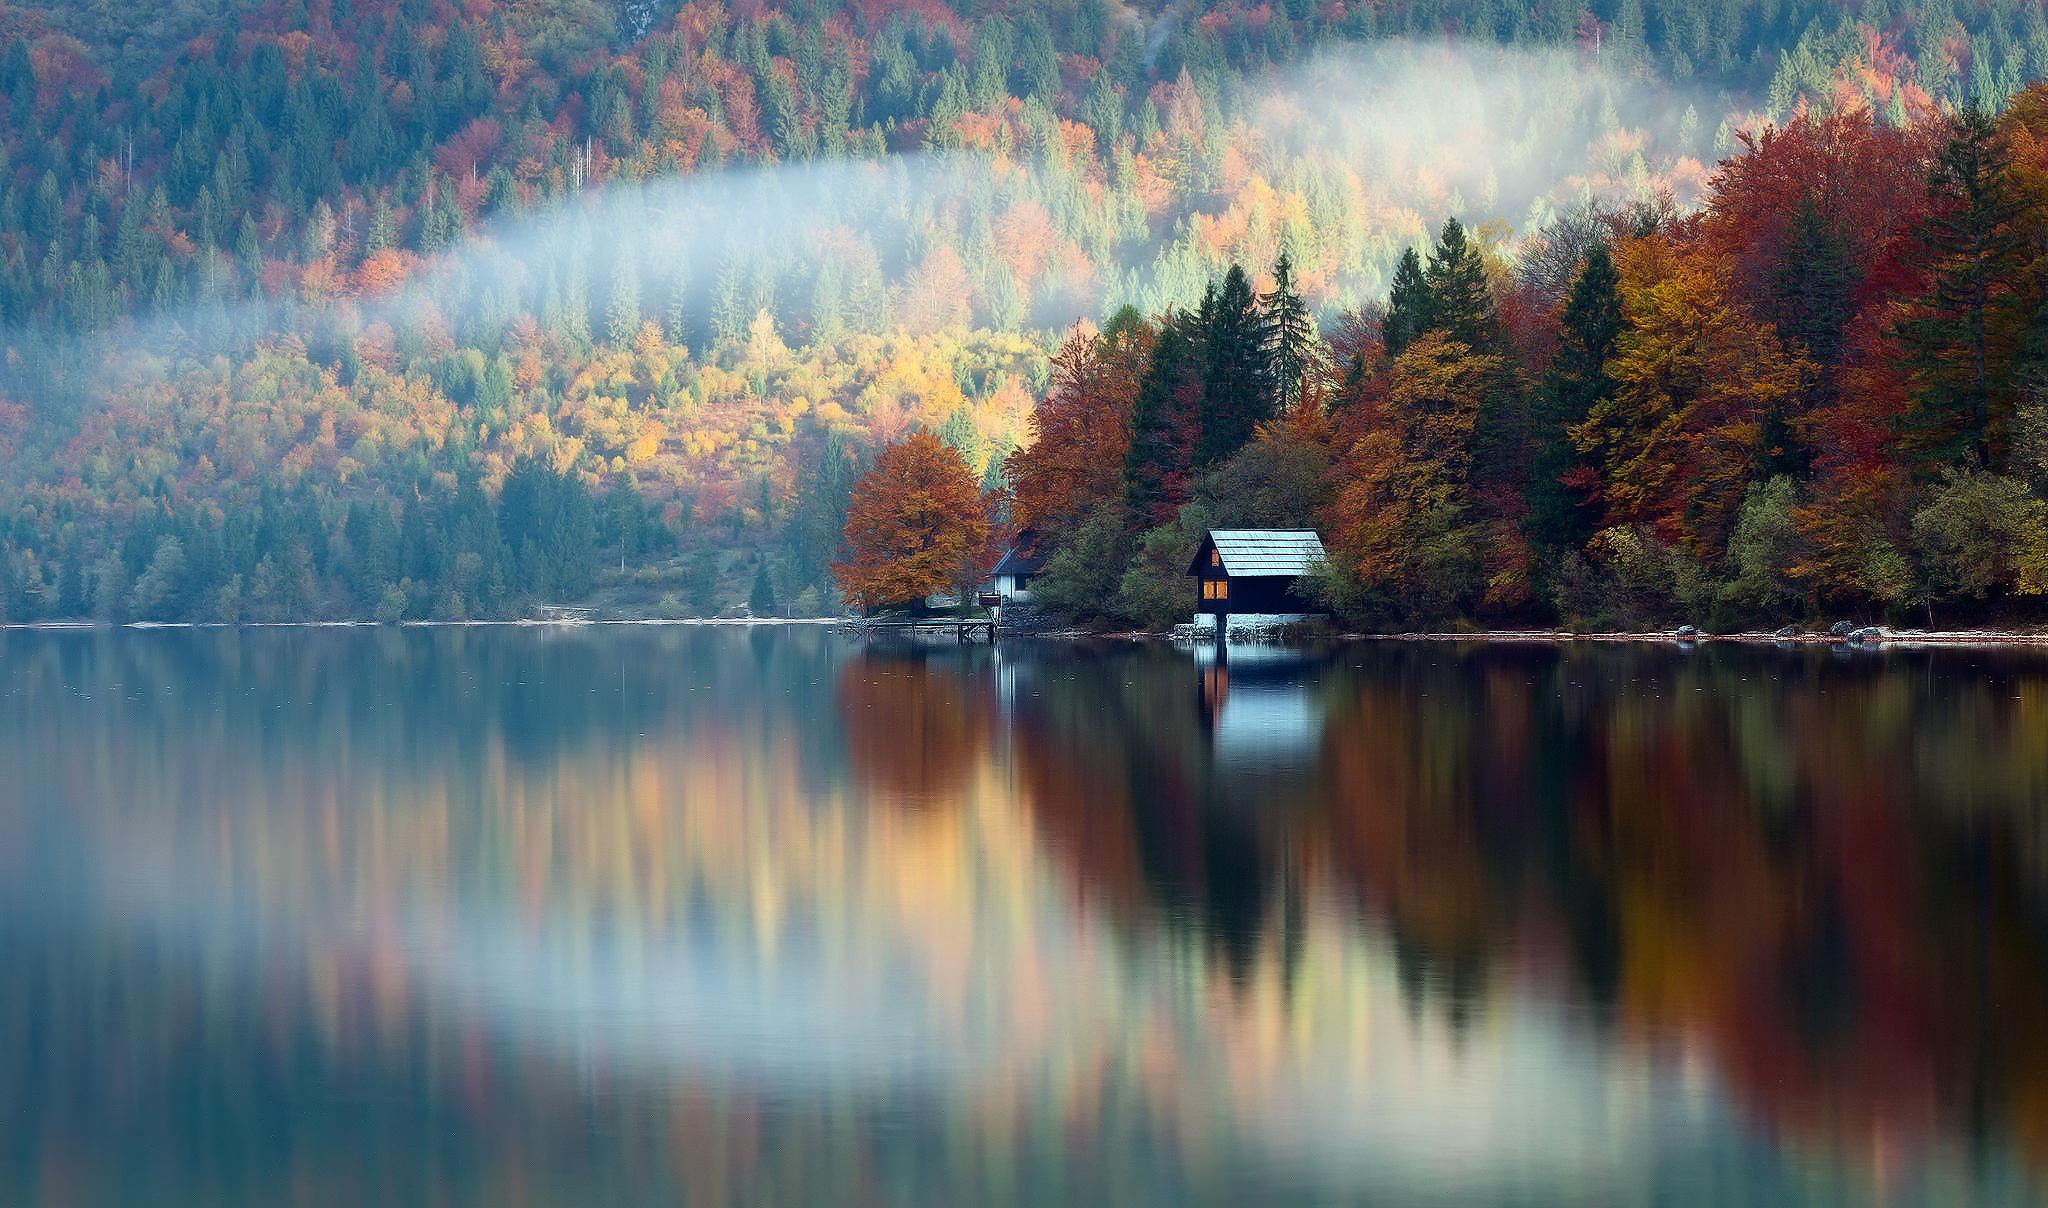 природа озеро дом лес деревья  № 2447953 без смс